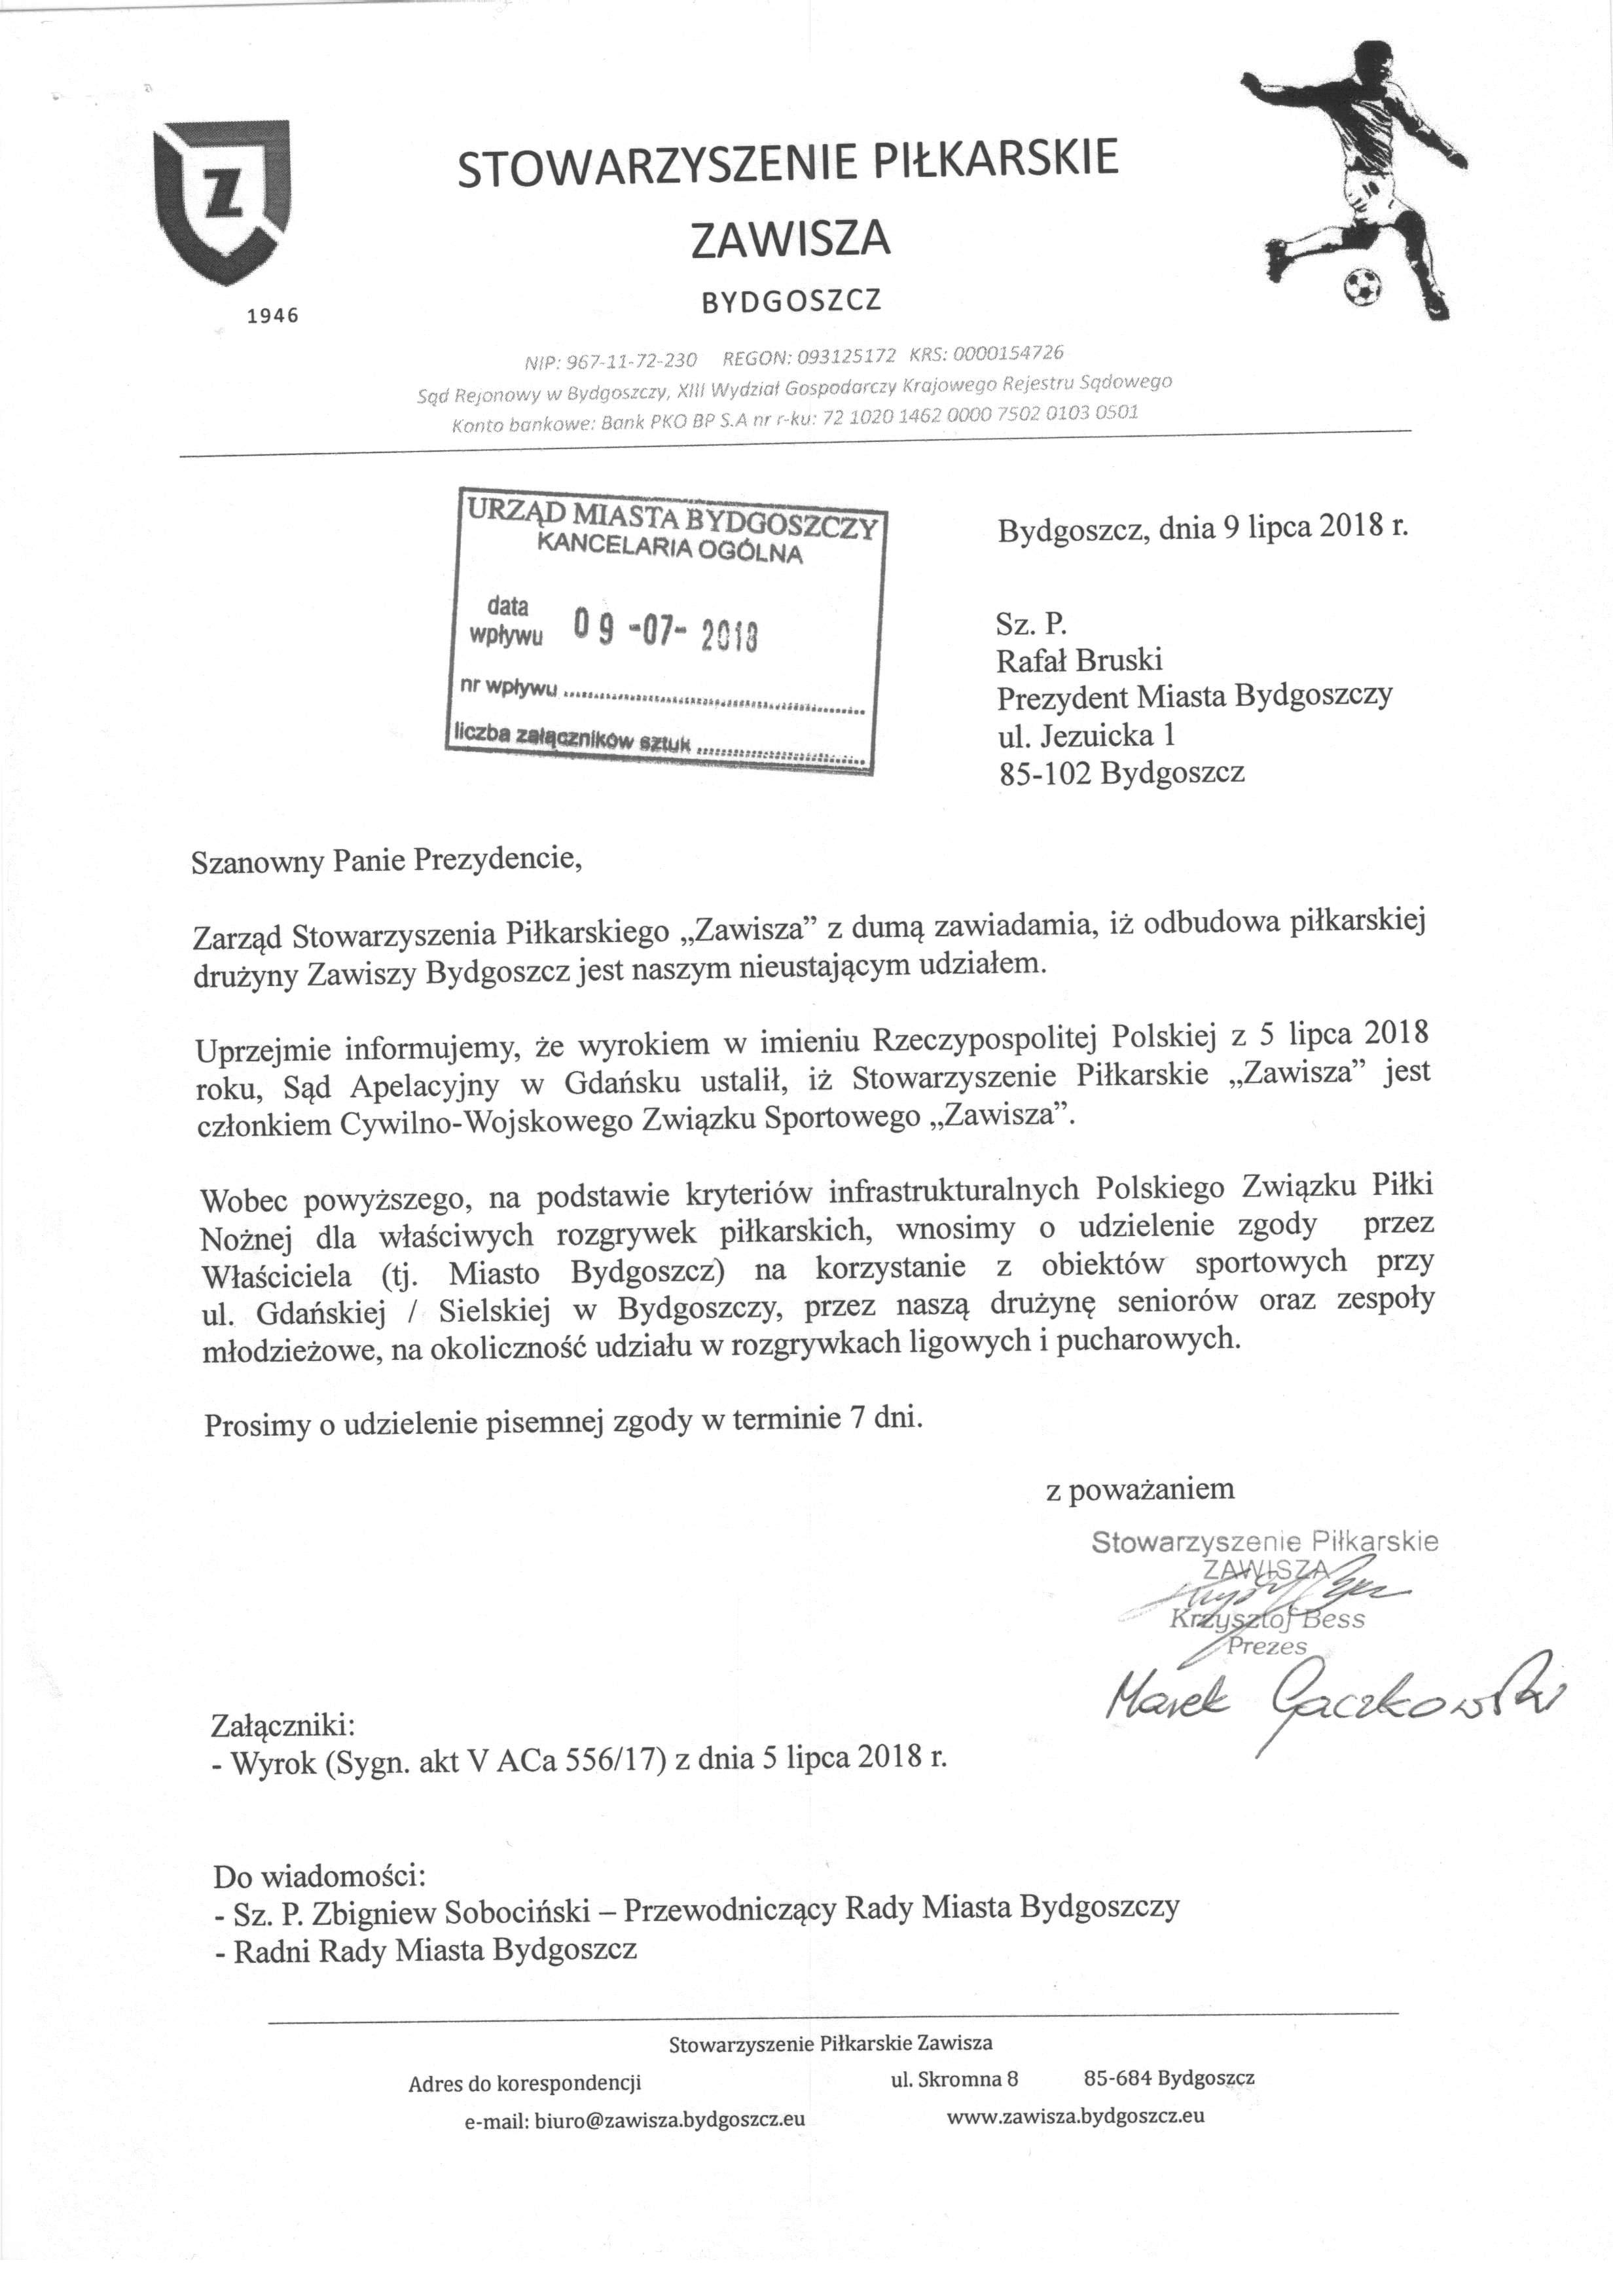 Pismo SP Zawisza do Prezydenta Bydgoszczy.